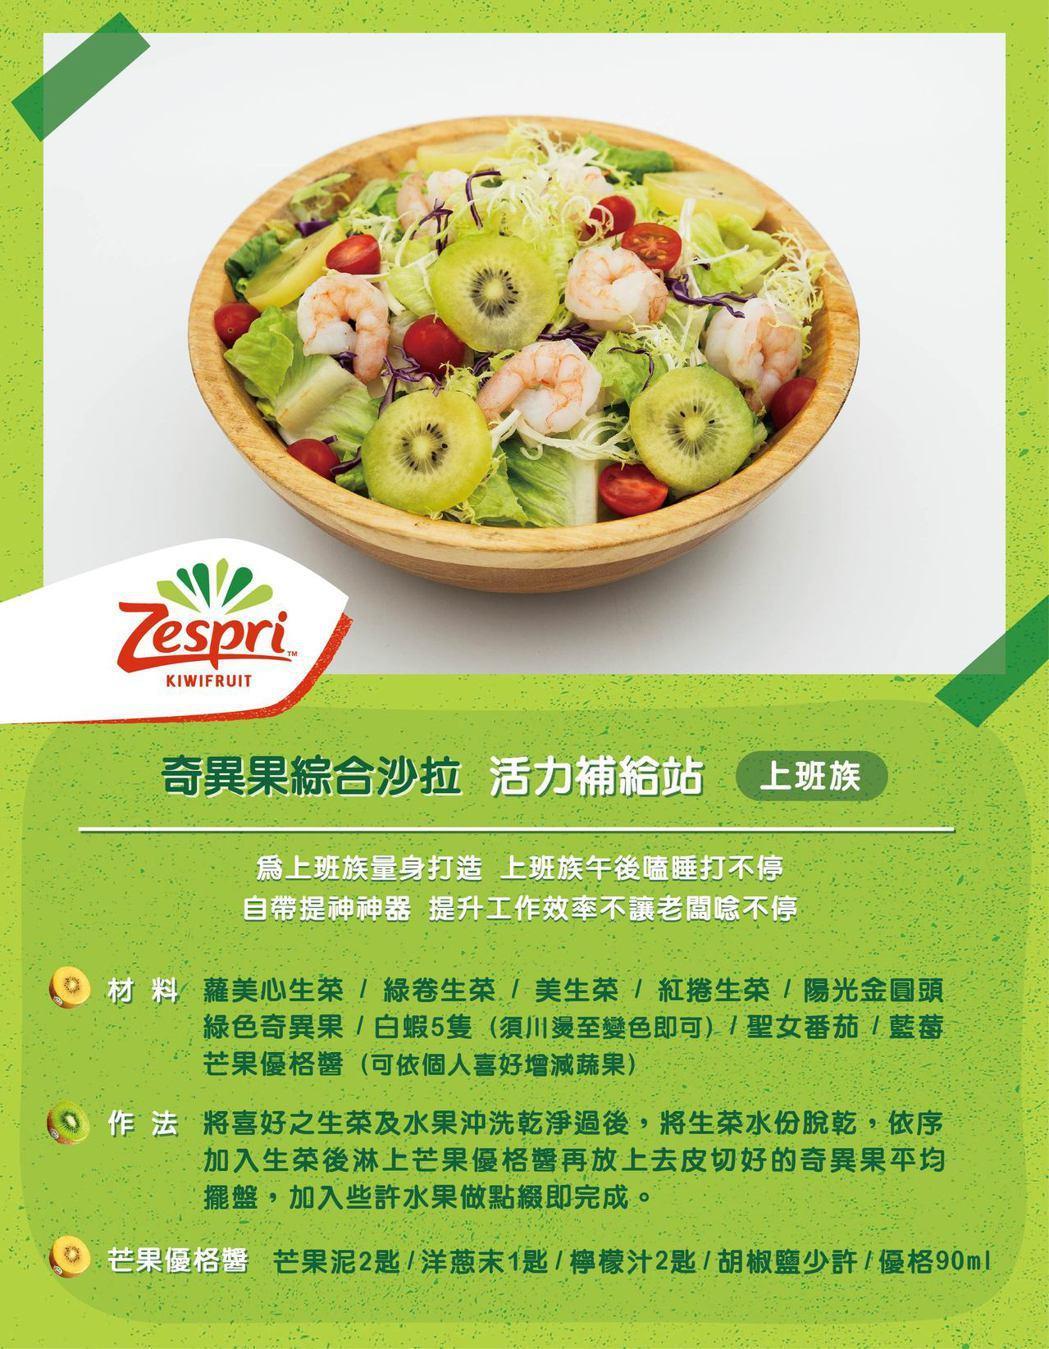 綜合美生沙拉加上奇異果,讓上班族吃了零負擔,更能提昇工作效率。 圖/Zespri...